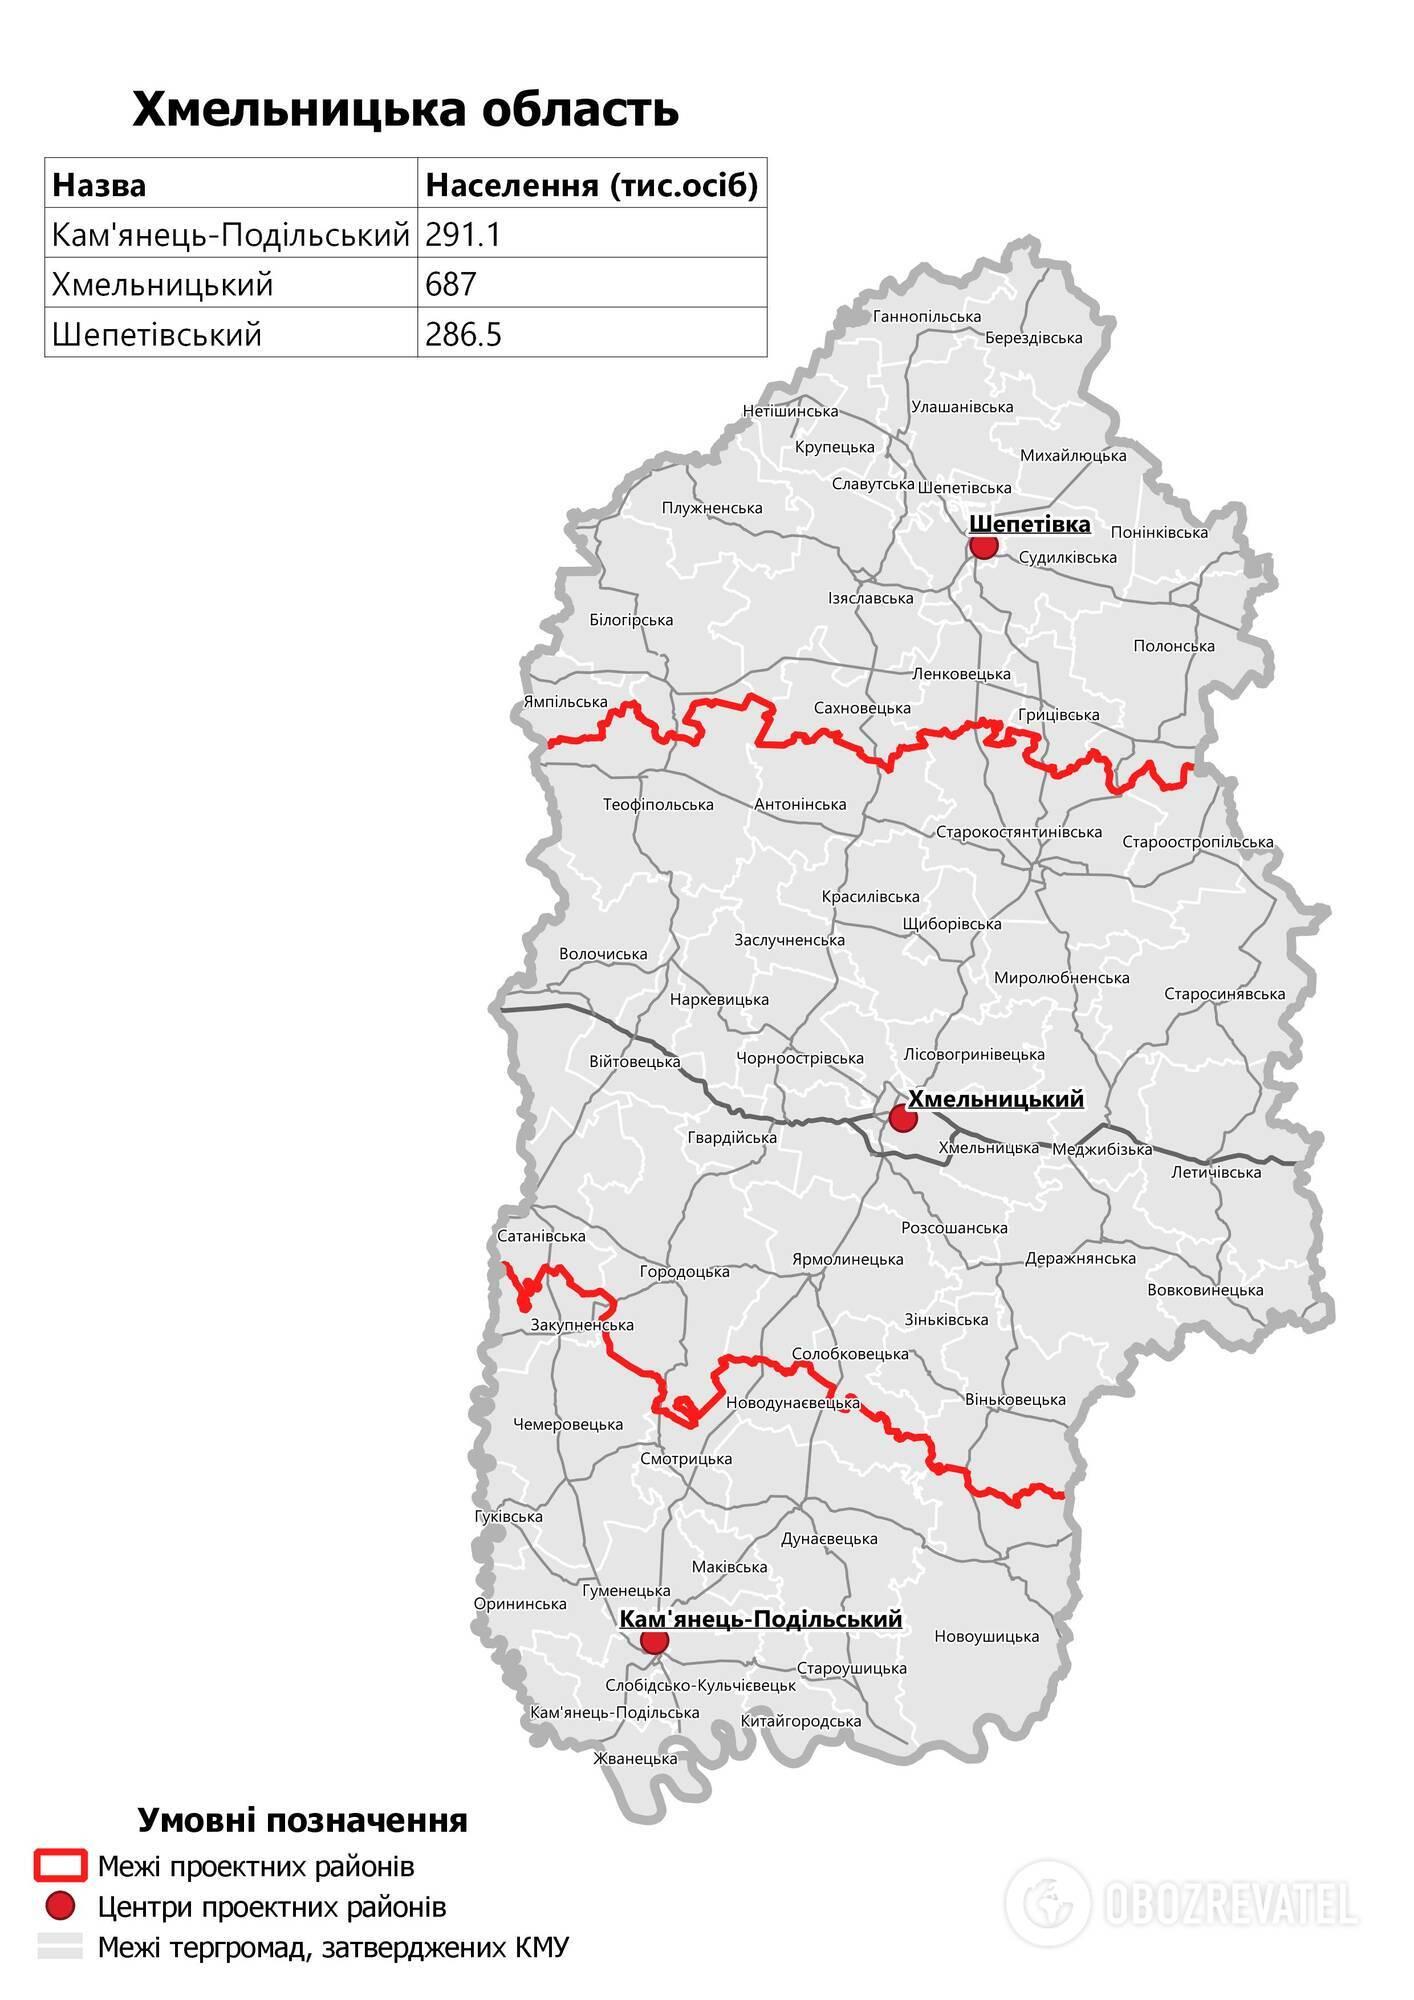 Хмельницька область